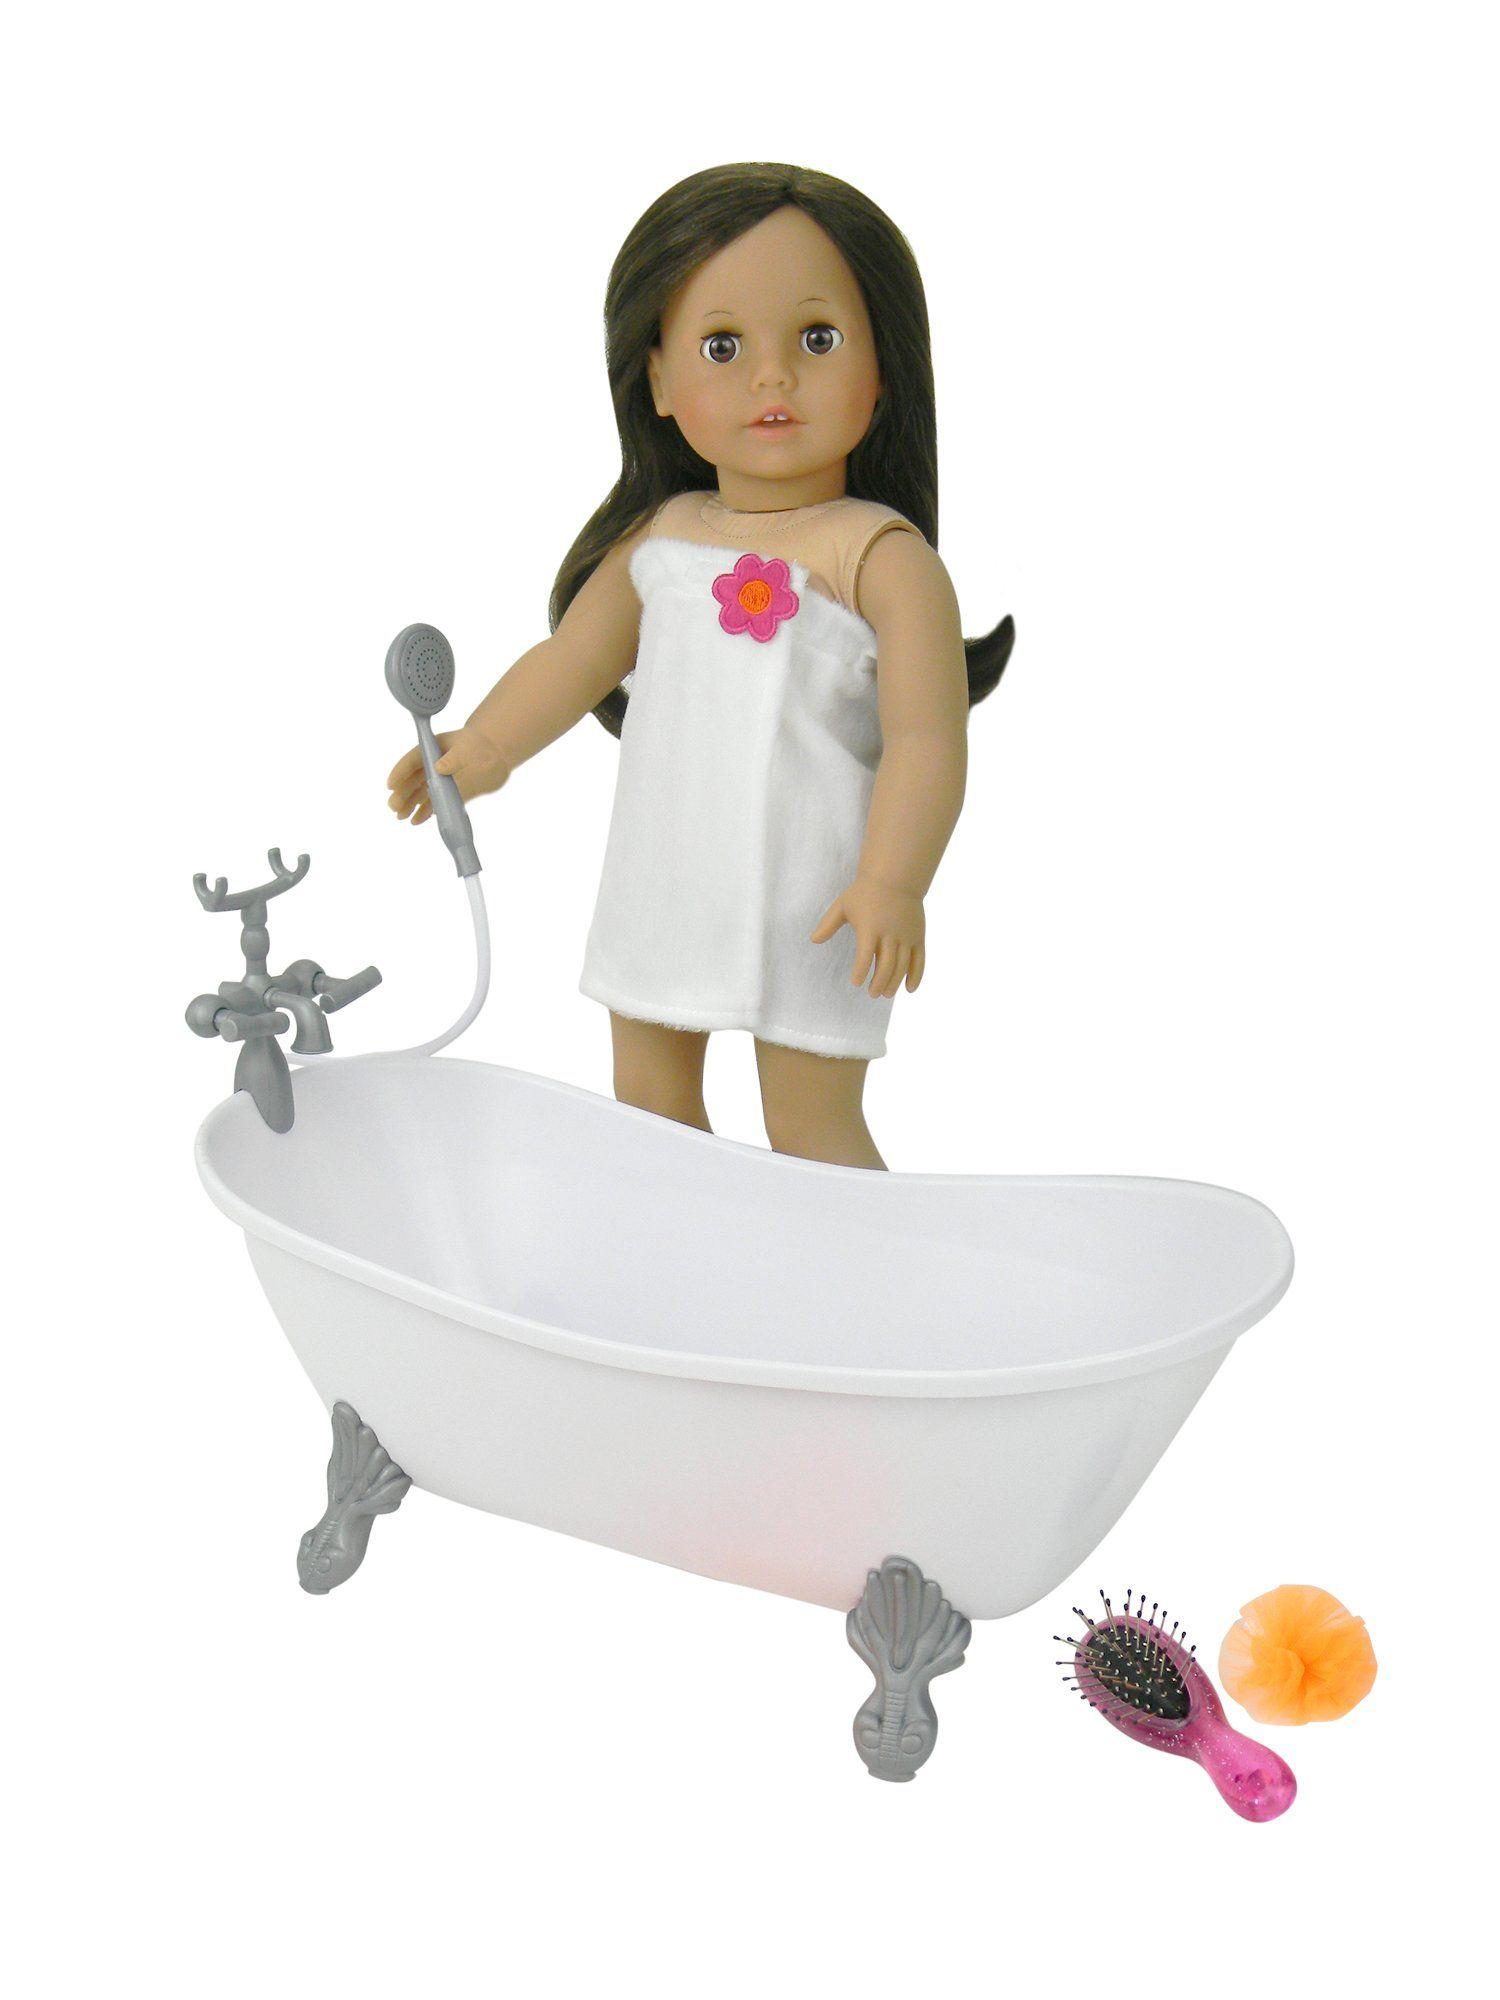 Amazon Com 18 Inch Doll Bathtub With Shower Fits American Girl Doll